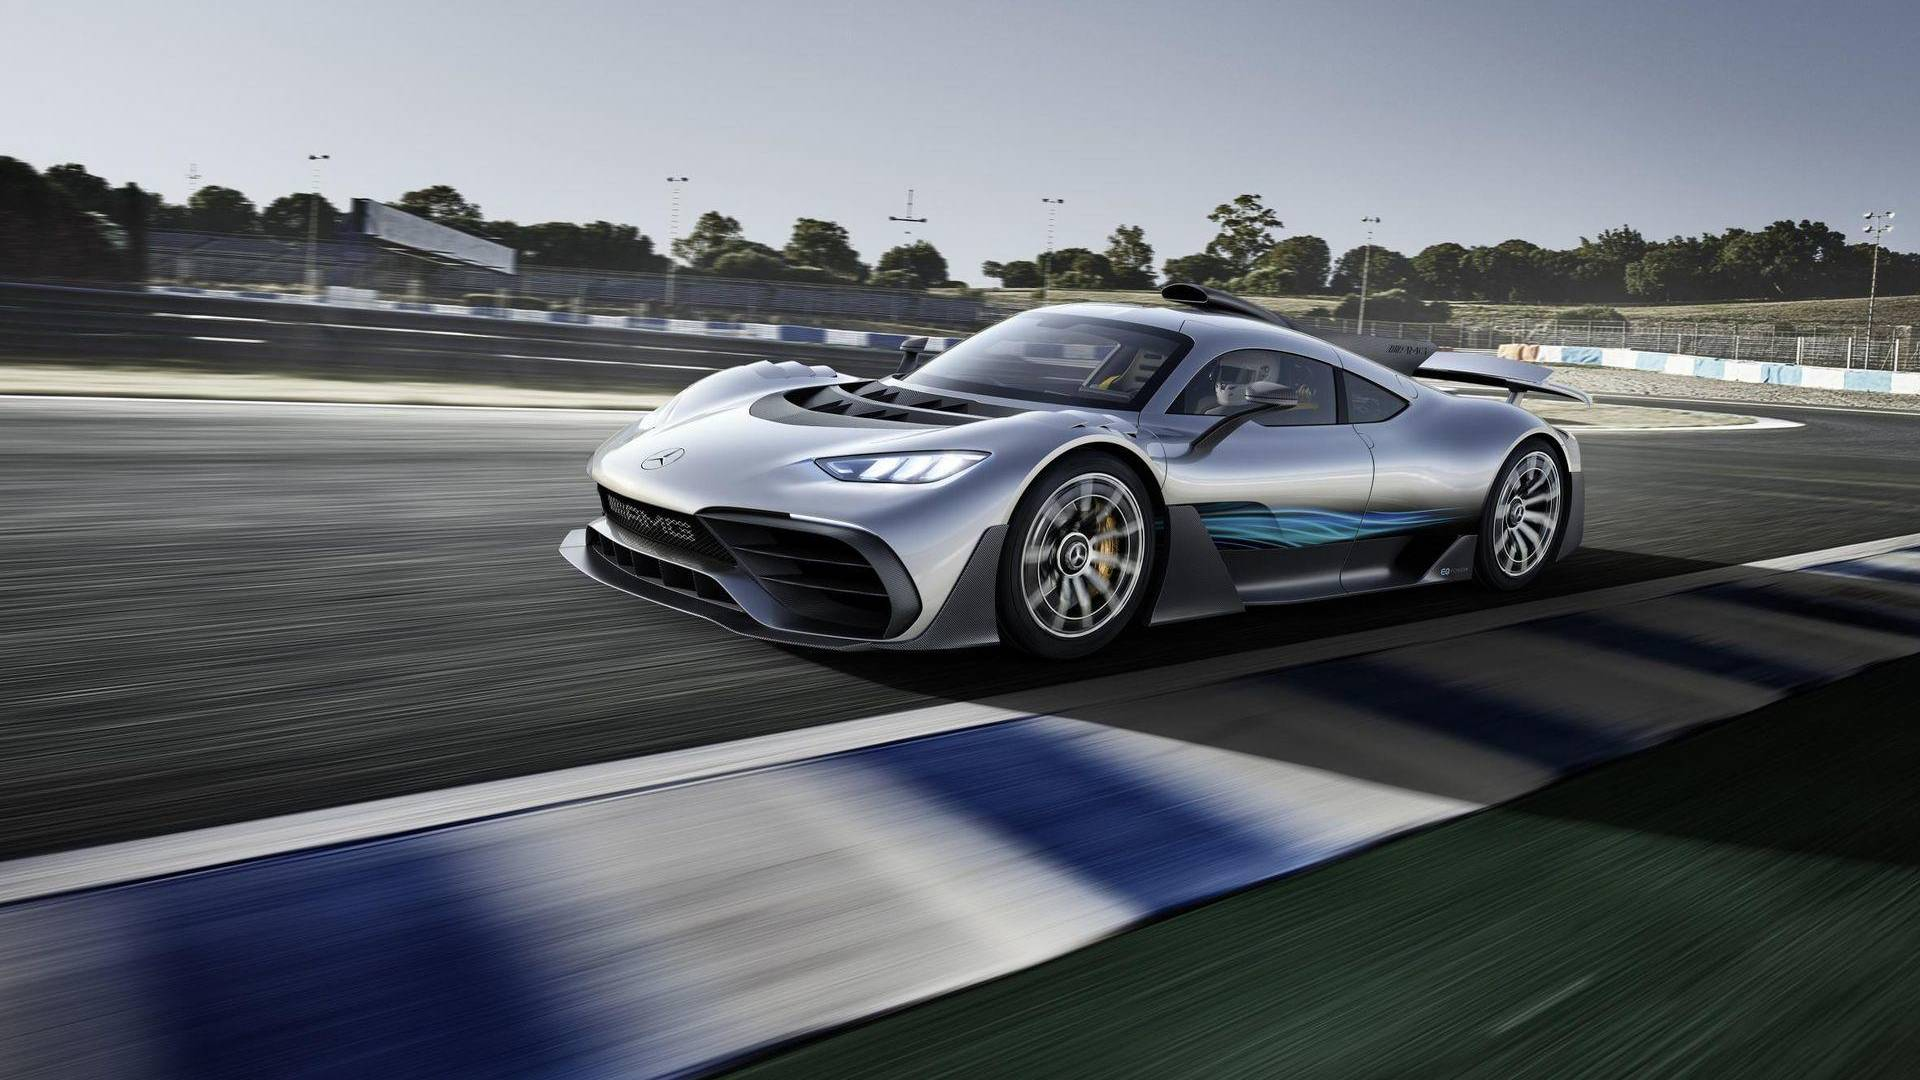 El Mercedes-AMG One retrasa sus entregas dos años, ¿por qué?